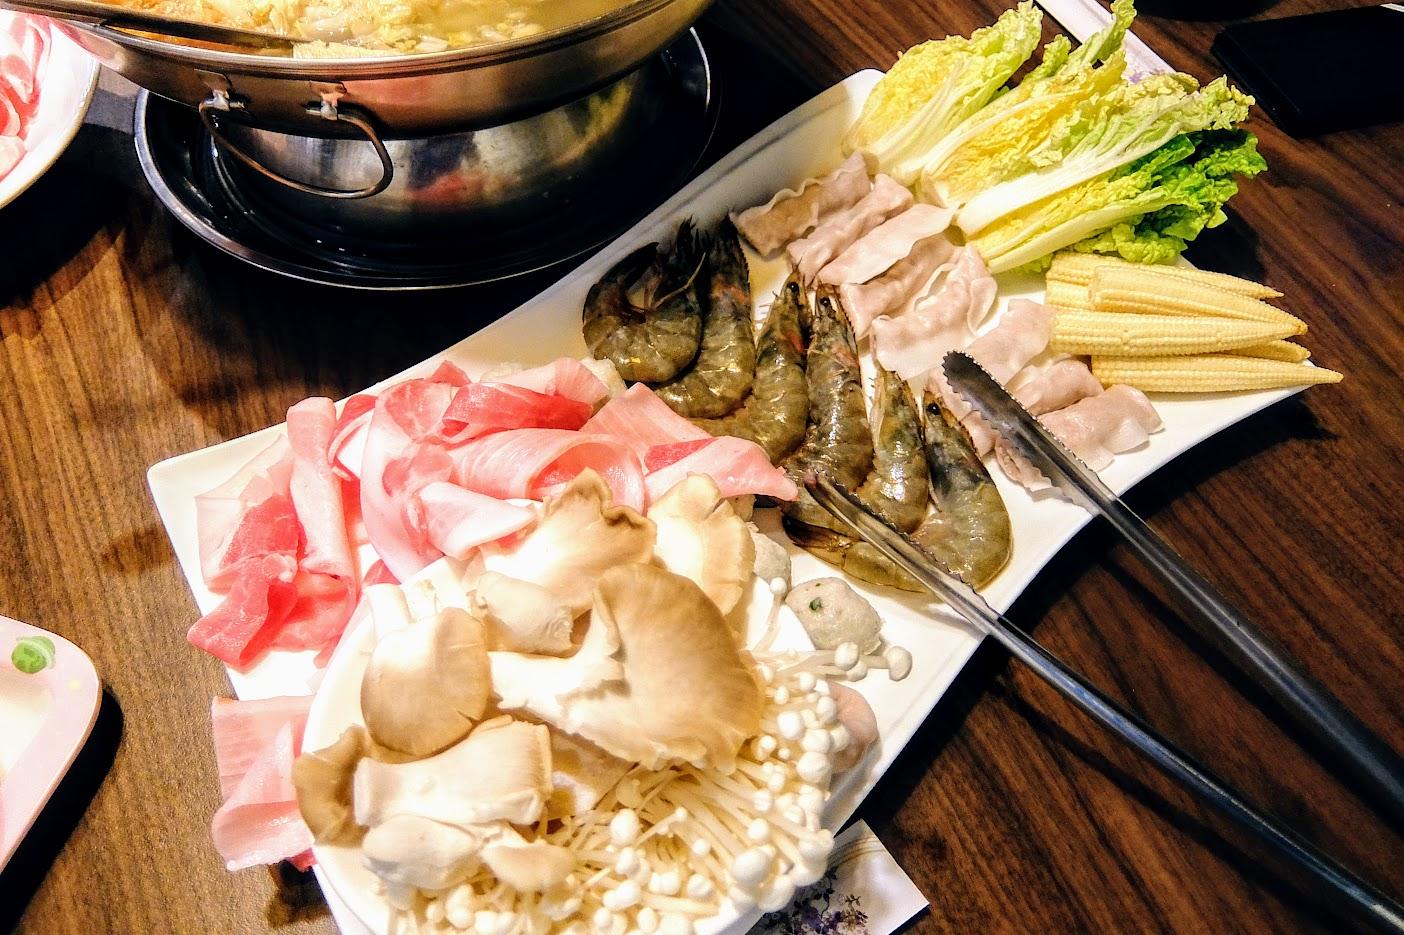 繽紛菜盤,有蝦有肉有菜有菇類